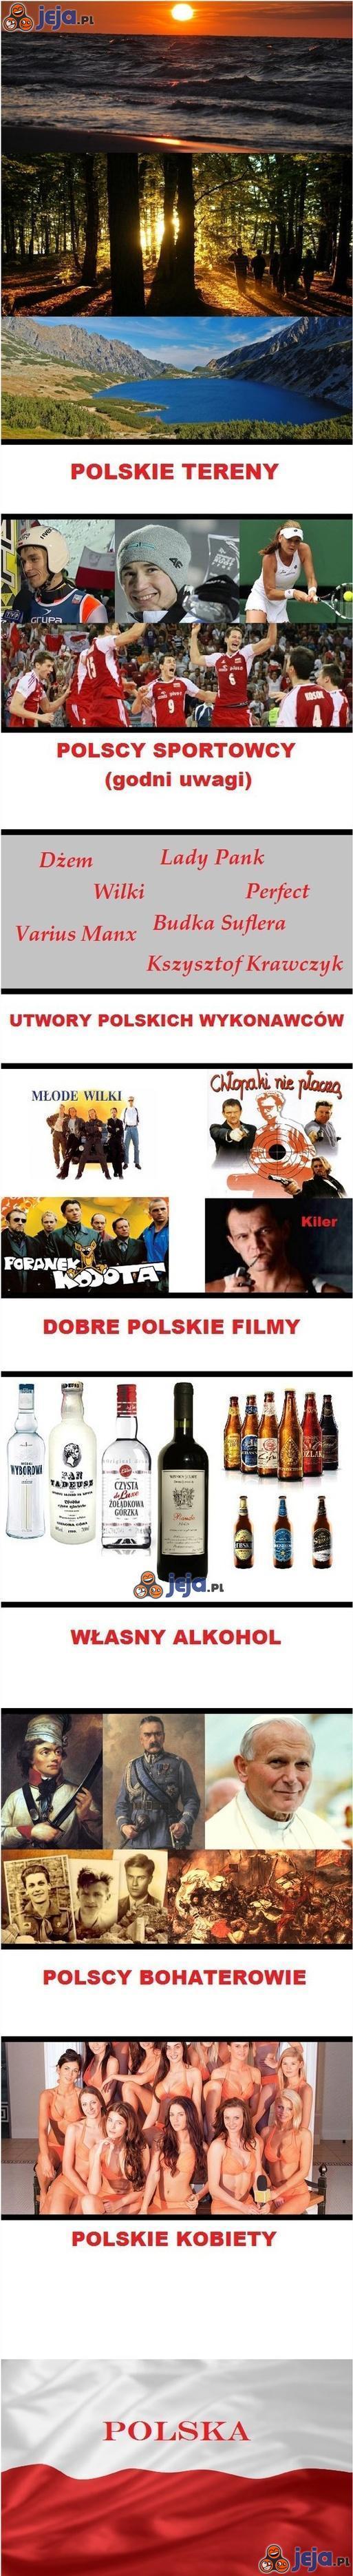 Polska - bez polityki to piękny kraj